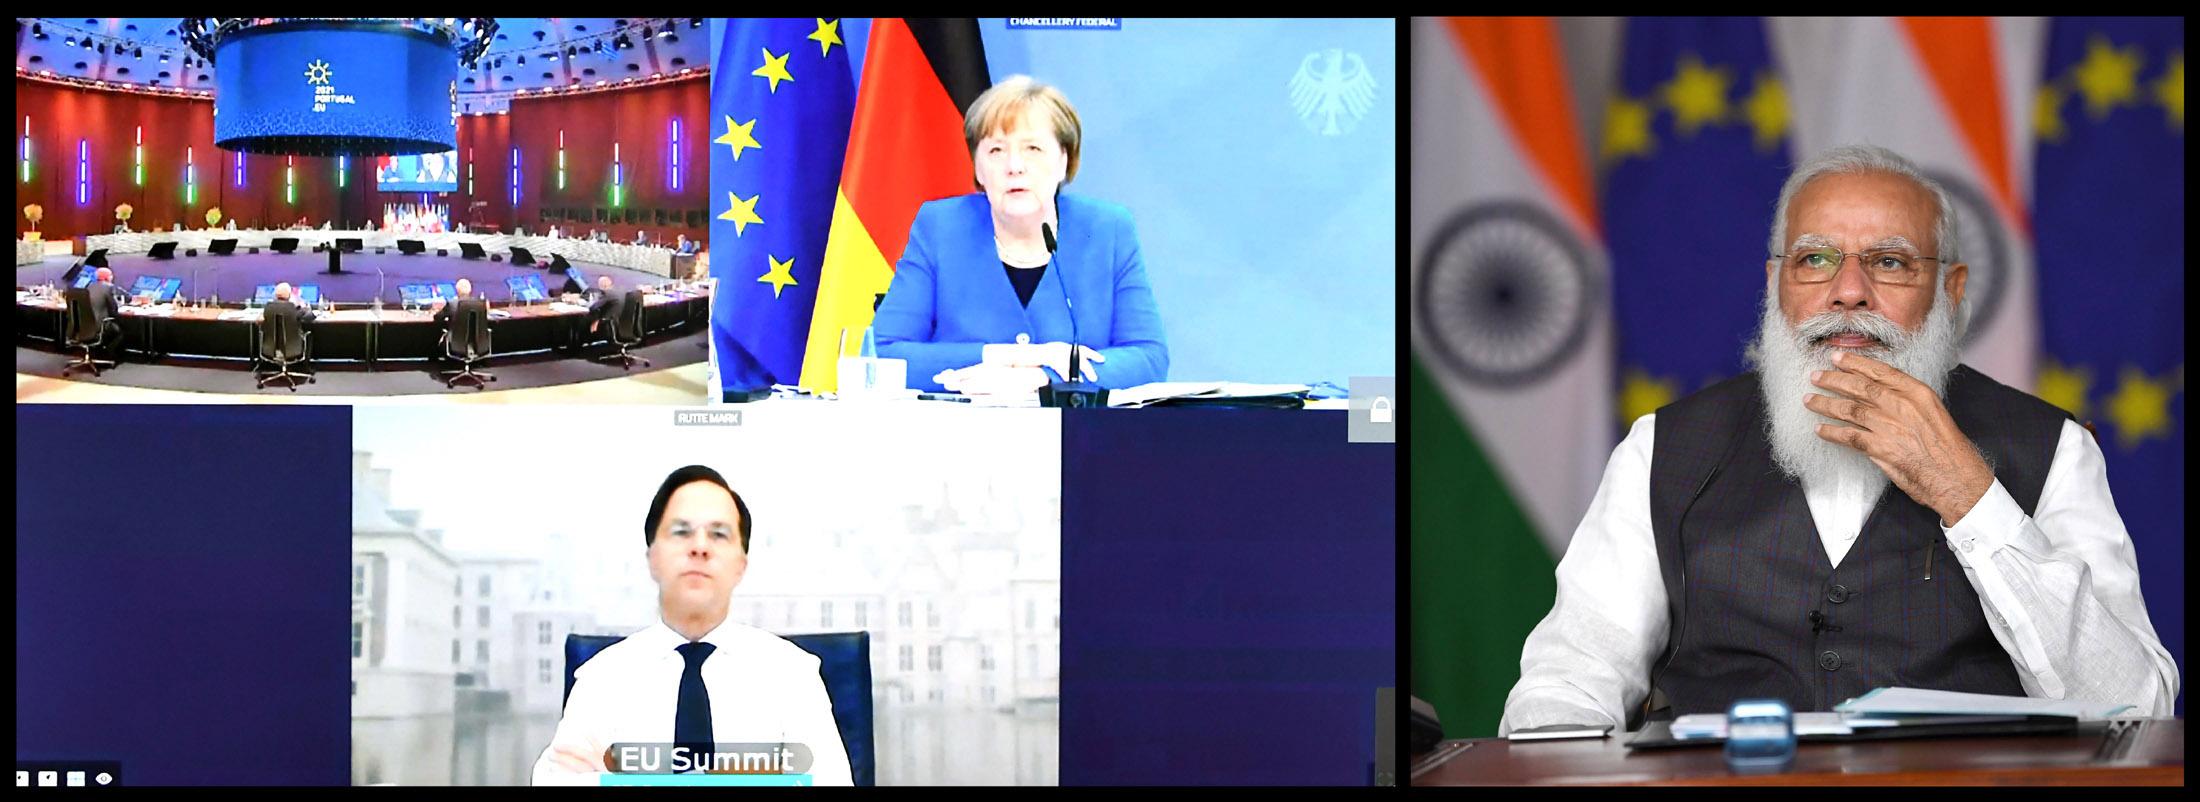 All 27 EU Member States meet Indian Prime Minister Narendra Modi